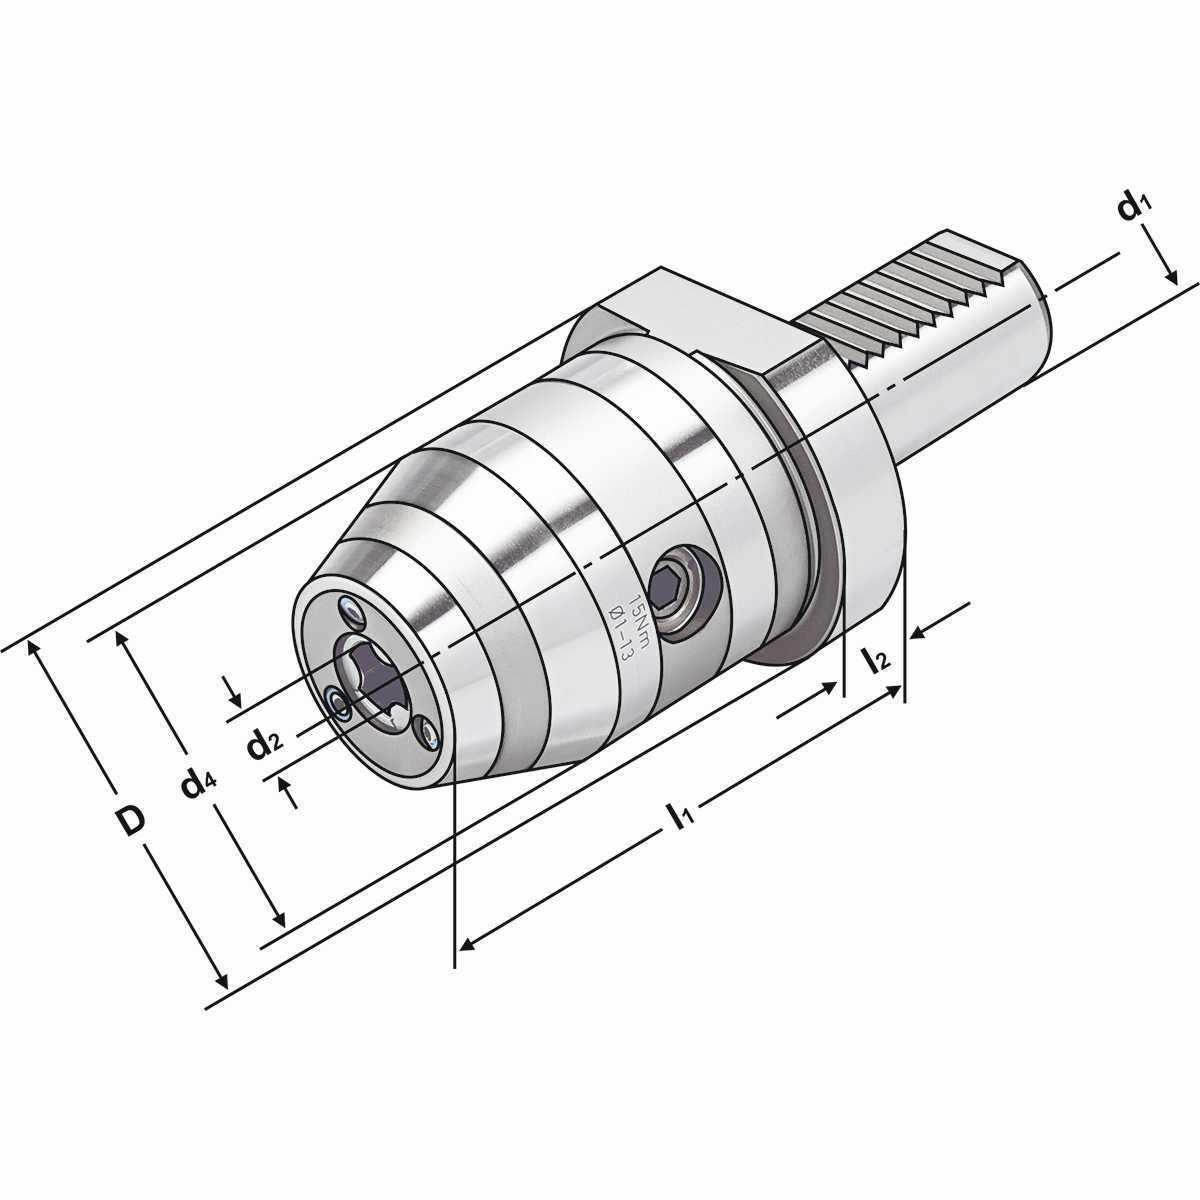 Цанга для фрезера: виды цанговых патронов для фрезерного станка, зажимы 6-8 мм, 12 мм и других размеров. что это такое и как выбрать набор?